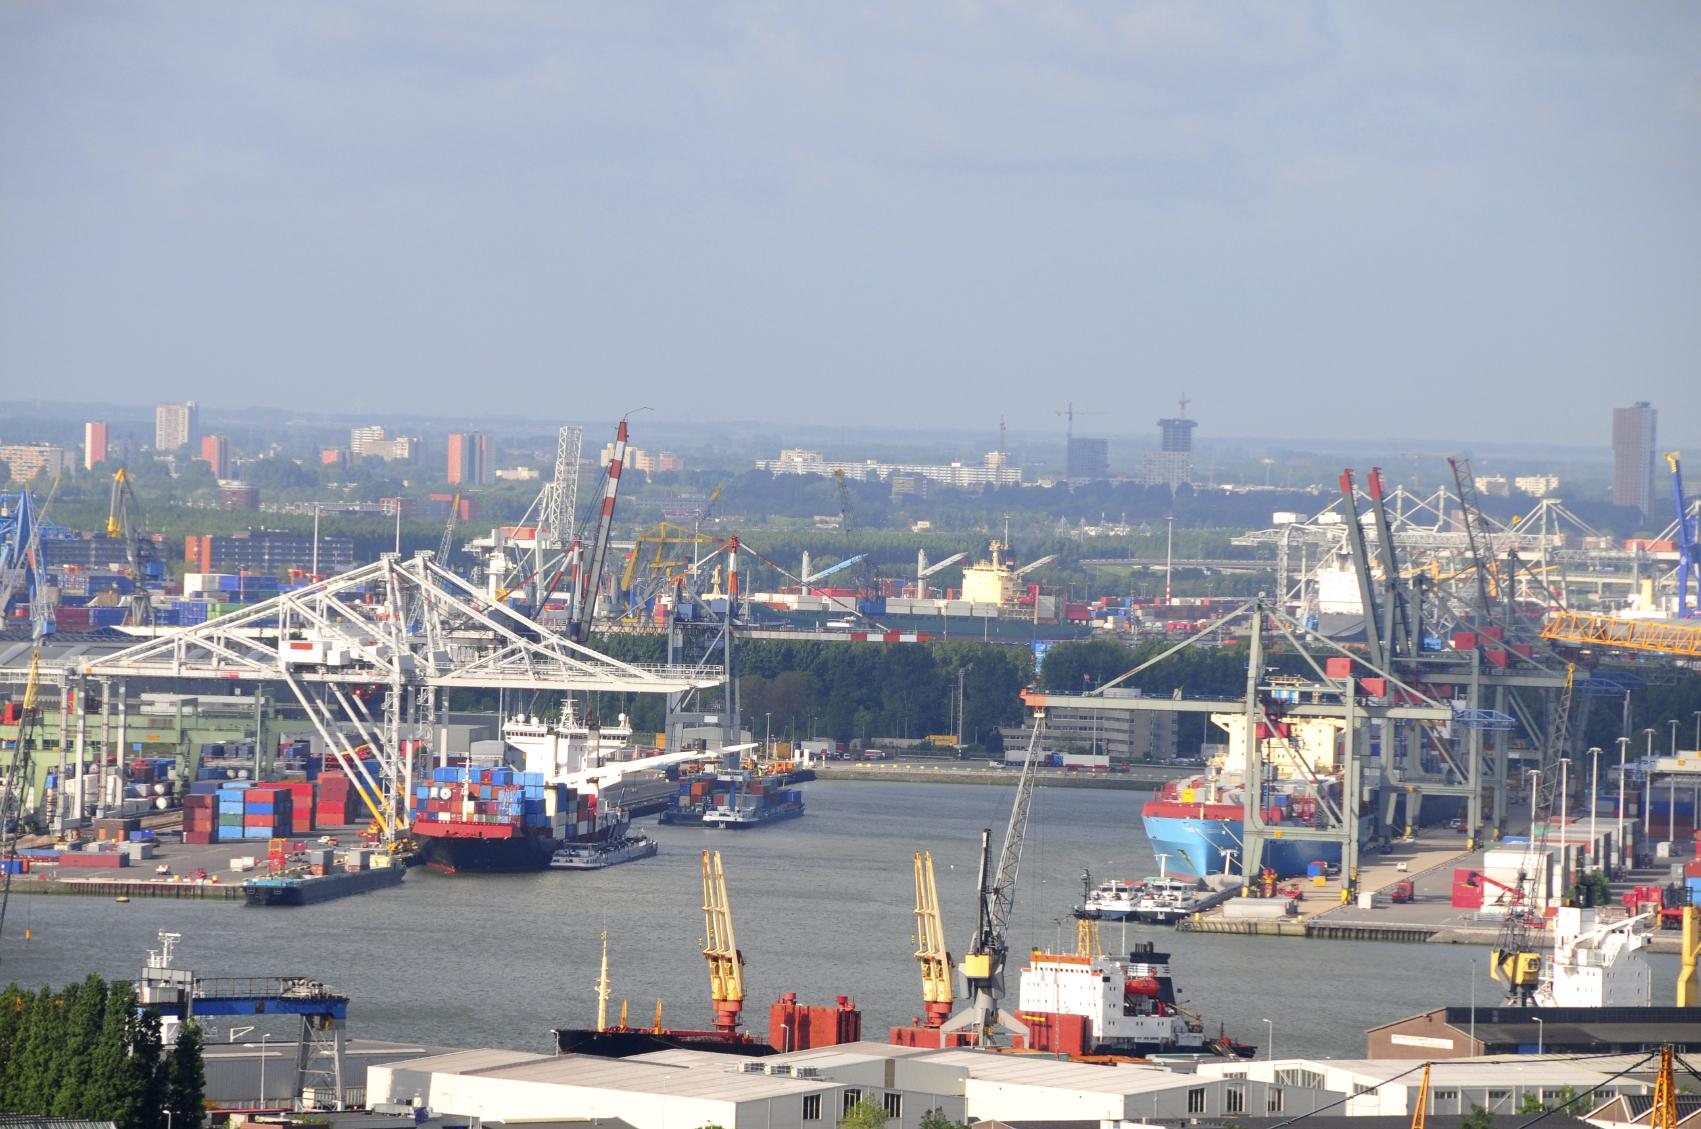 rotterdamhaven